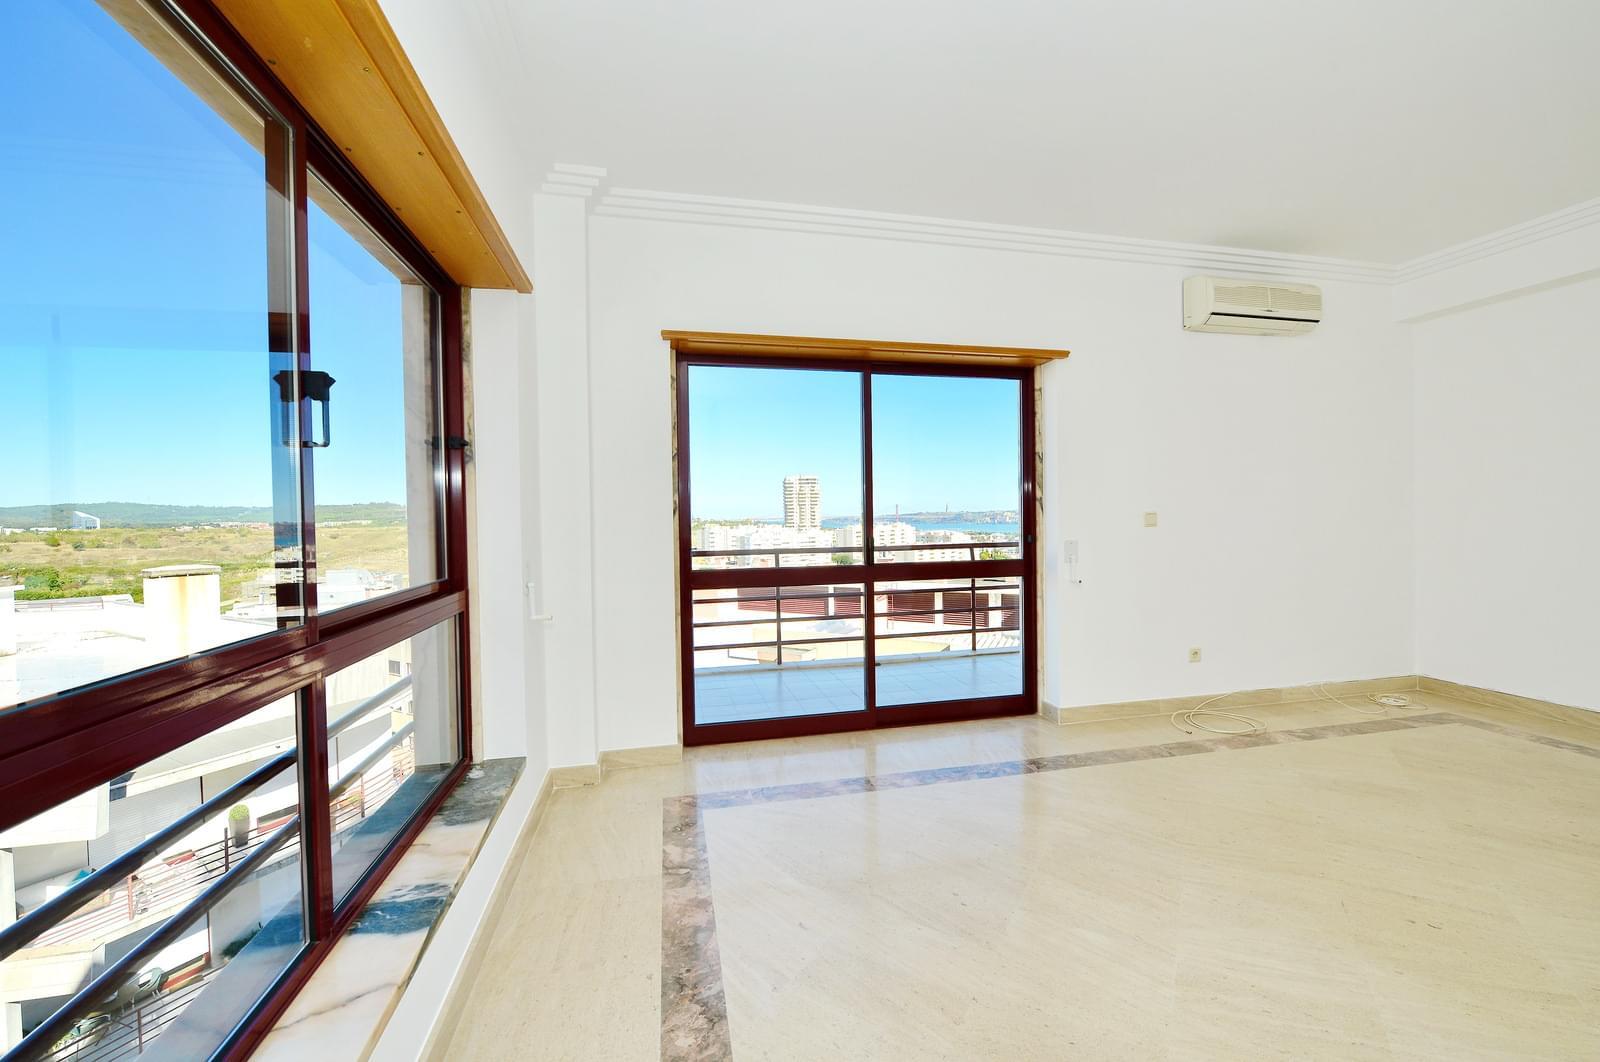 pf17174-apartamento-t3-oeiras-6aa00290-361c-4d69-8712-2585d0d73521